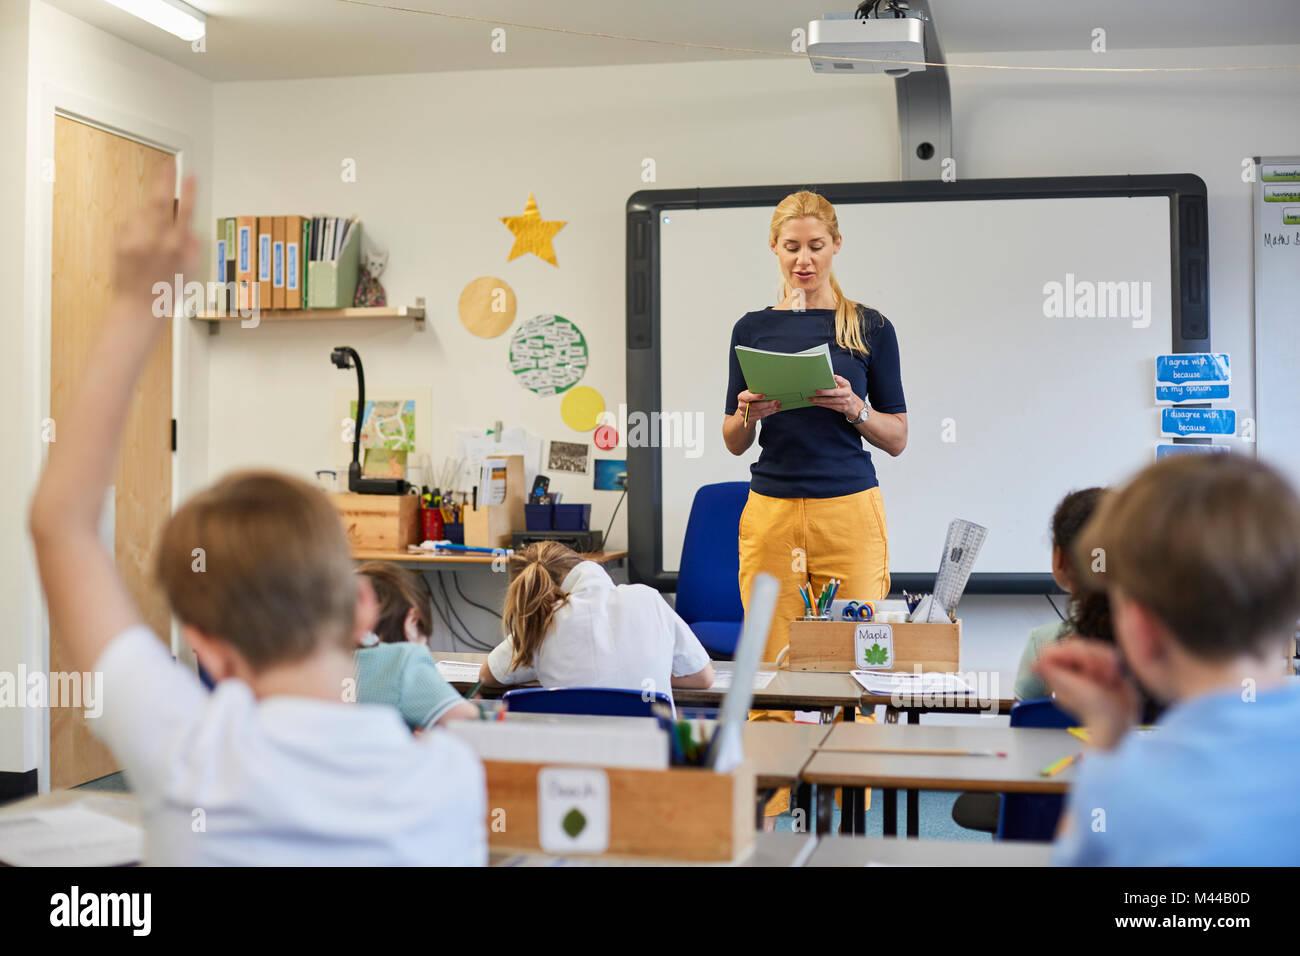 El colegial con mano levantada en el aula en la escuela primaria de la lección Imagen De Stock